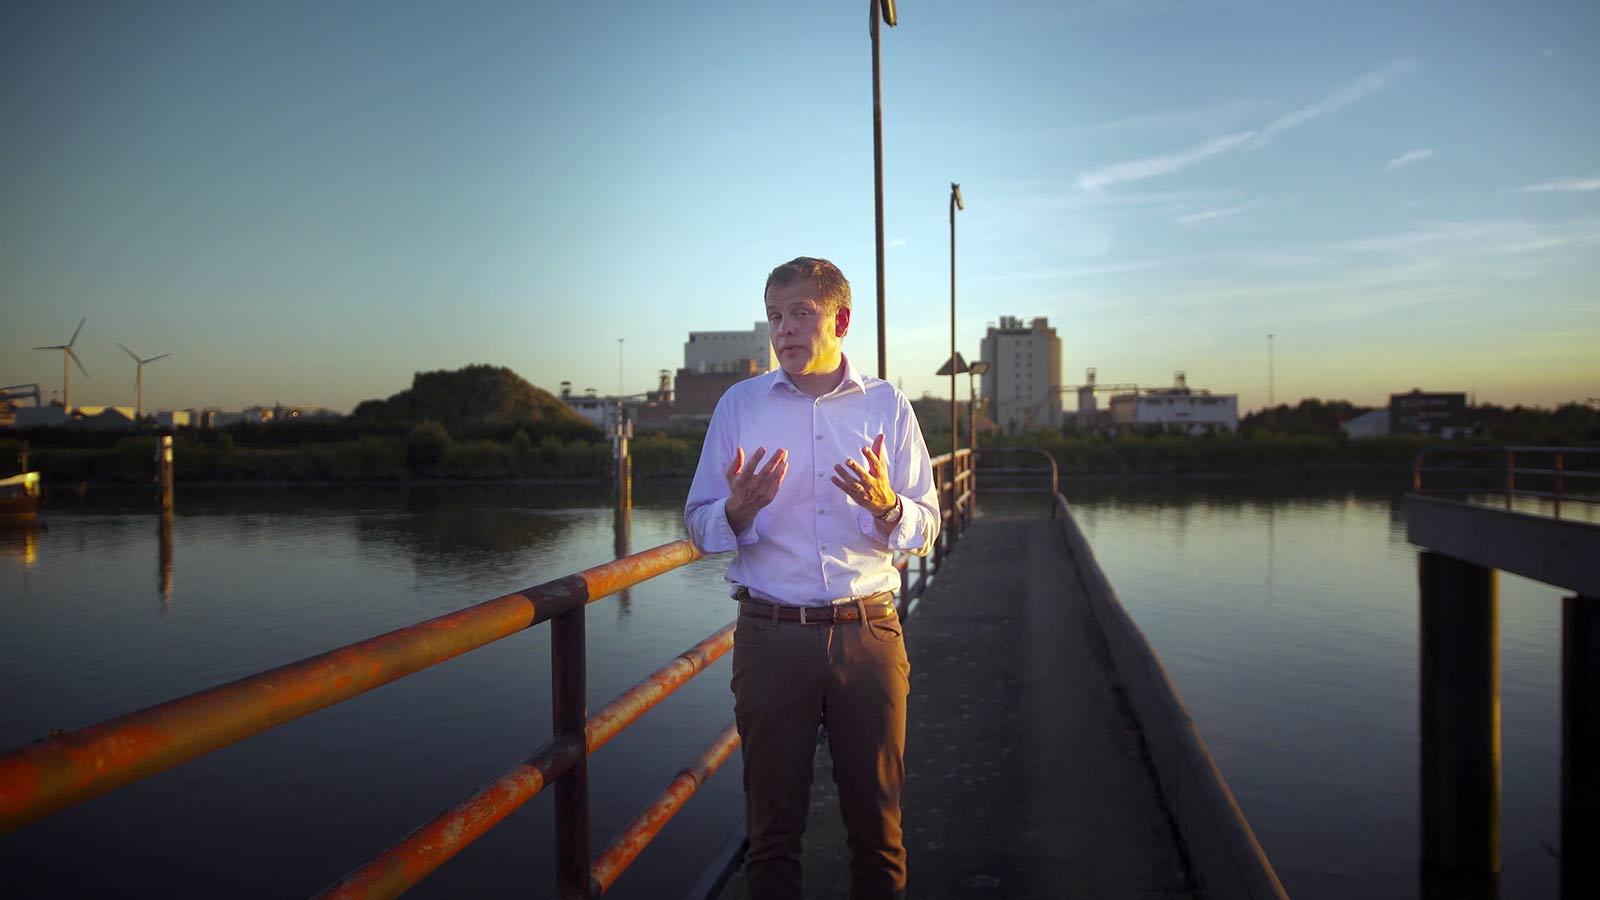 ivo-brughmans-film-opname-paradoxaal-leiderschap